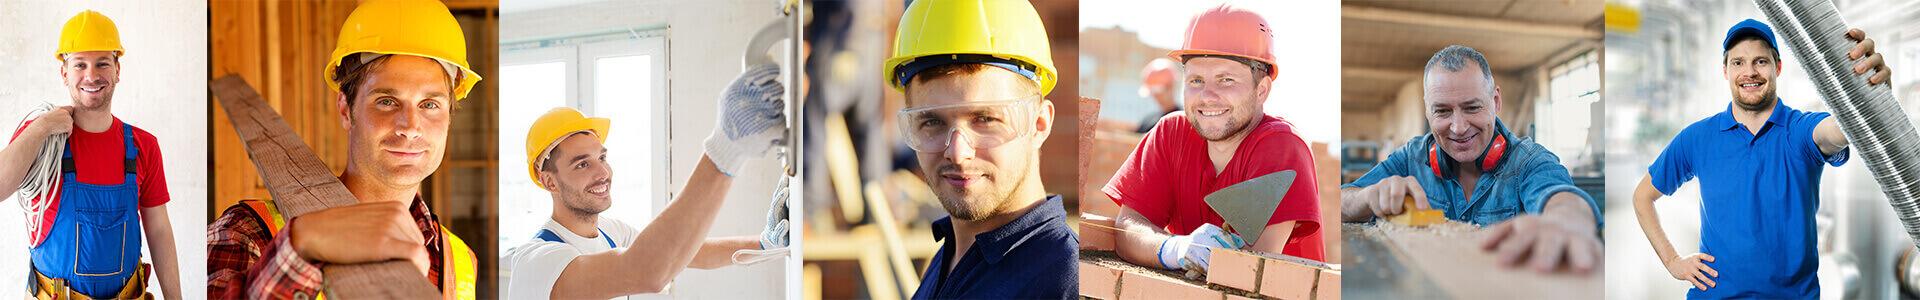 Gesuchte Berufsbilder Jobs Arbeit Stellenangebote Jobsuche Jobs Schweiz Temporärstellen Vollzeitstelle Mitarbeiter finden Personalvermittlung Rekrutierung